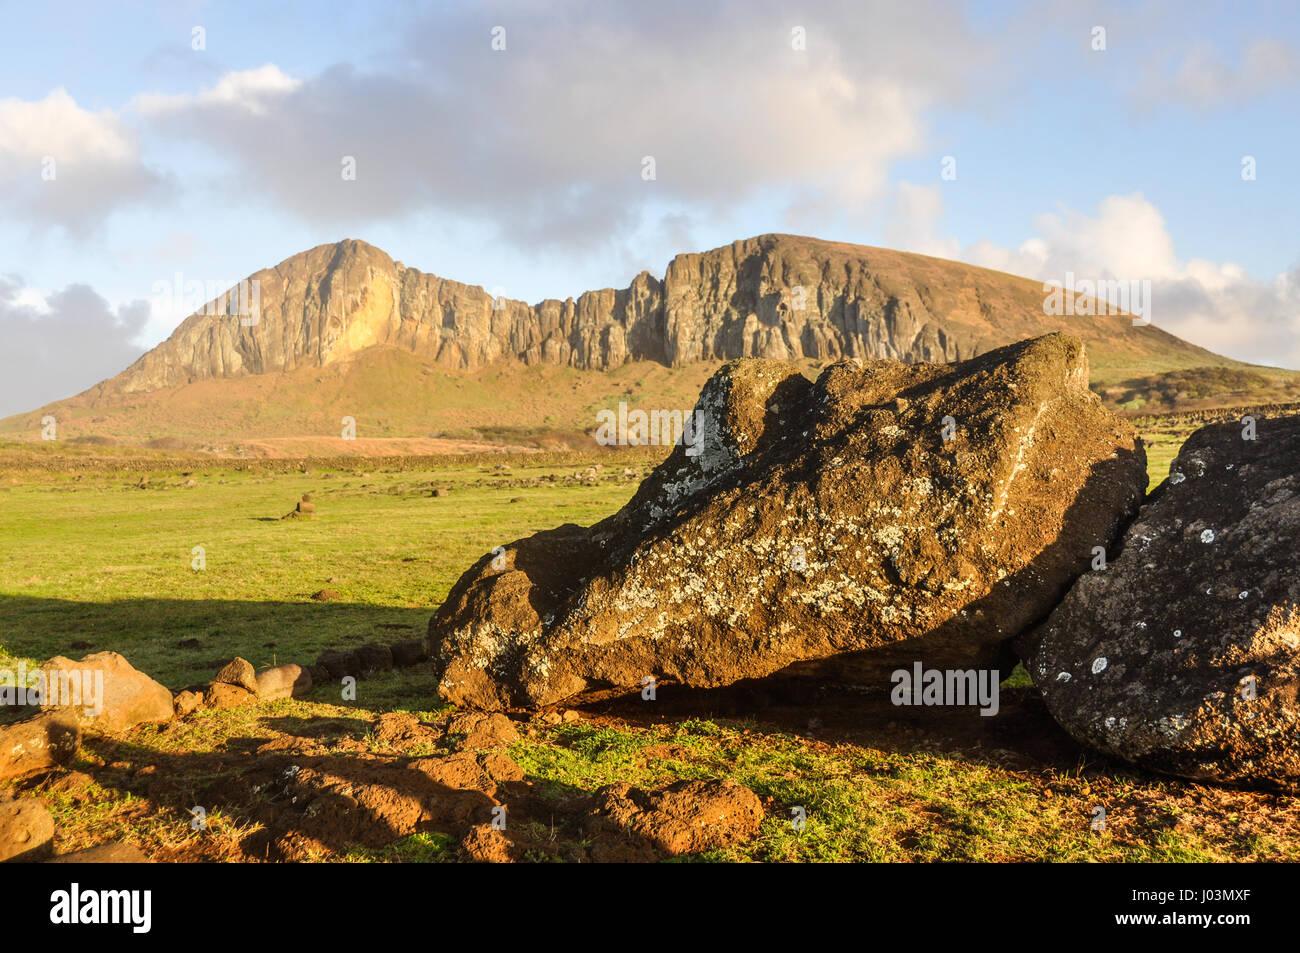 Voir des ruines d'un moai statue près de Ahu Tongariki site, sur la côte de l'île de Pâques, Photo Stock